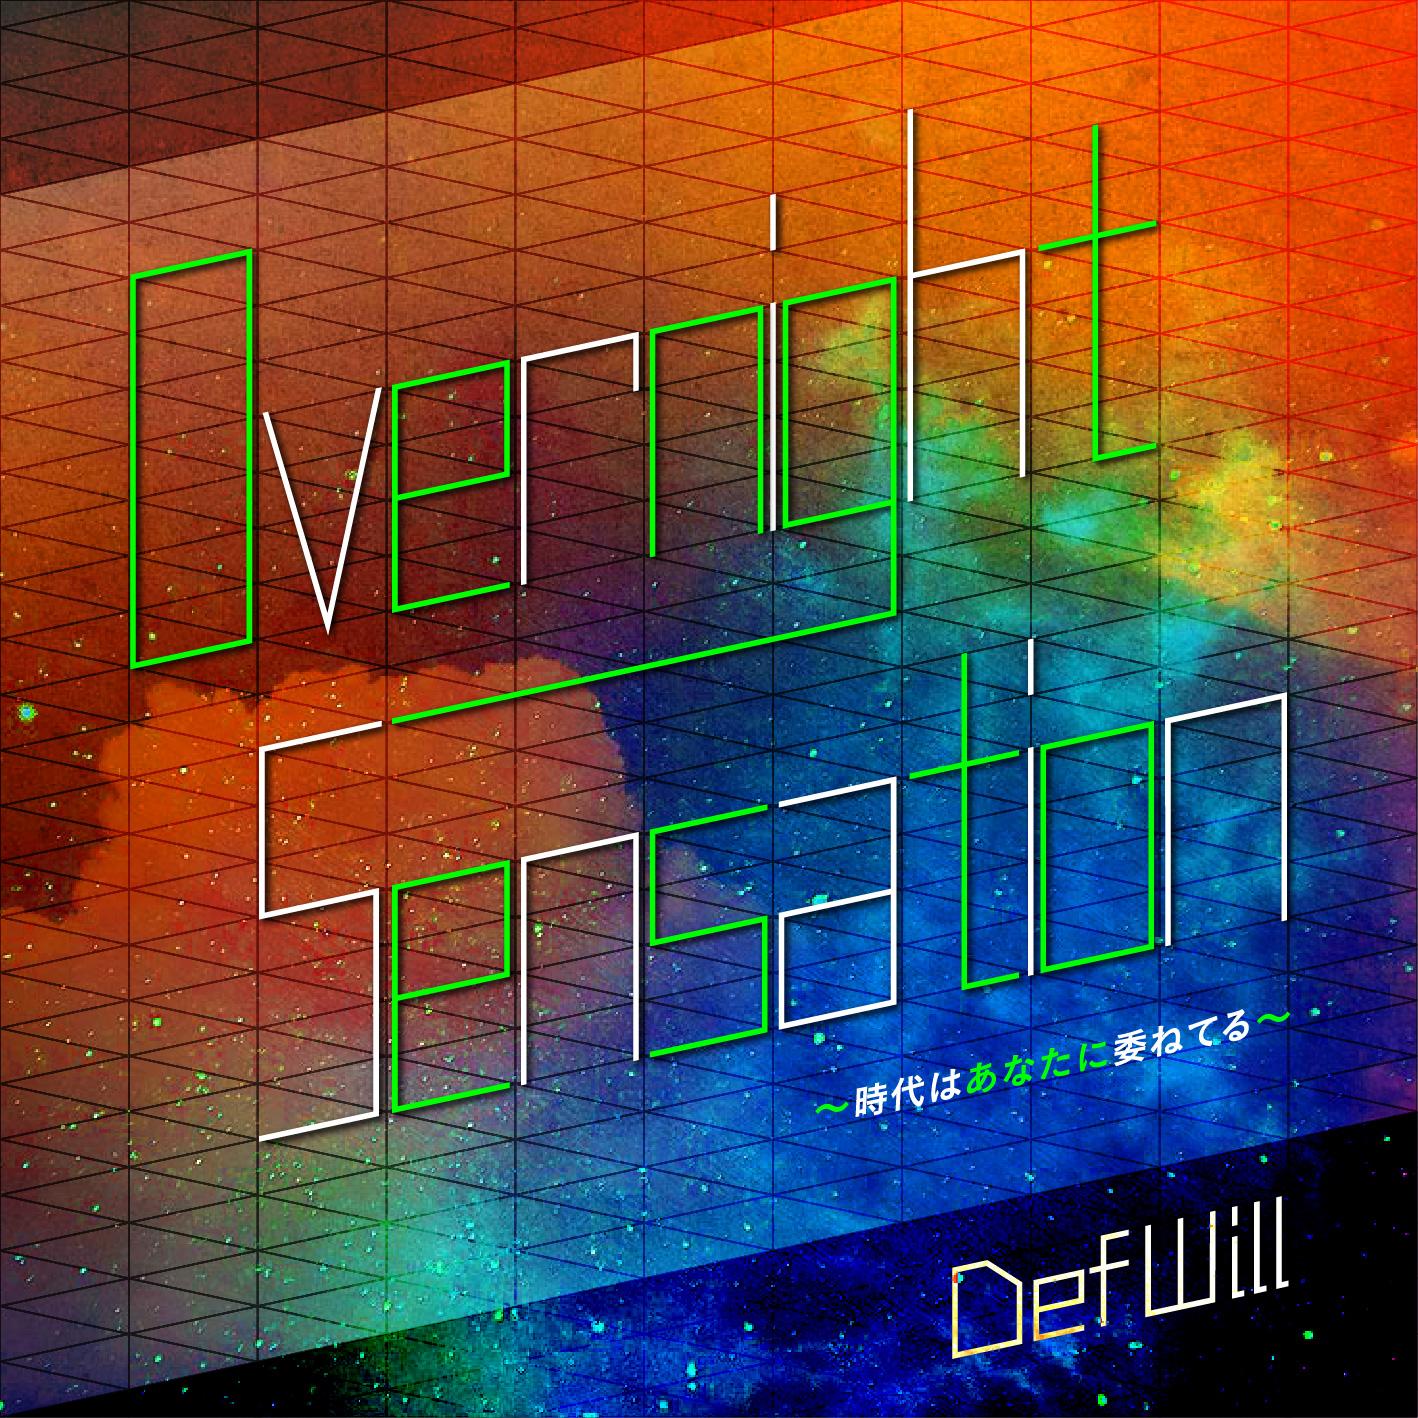 overnightsensation_1 (1)